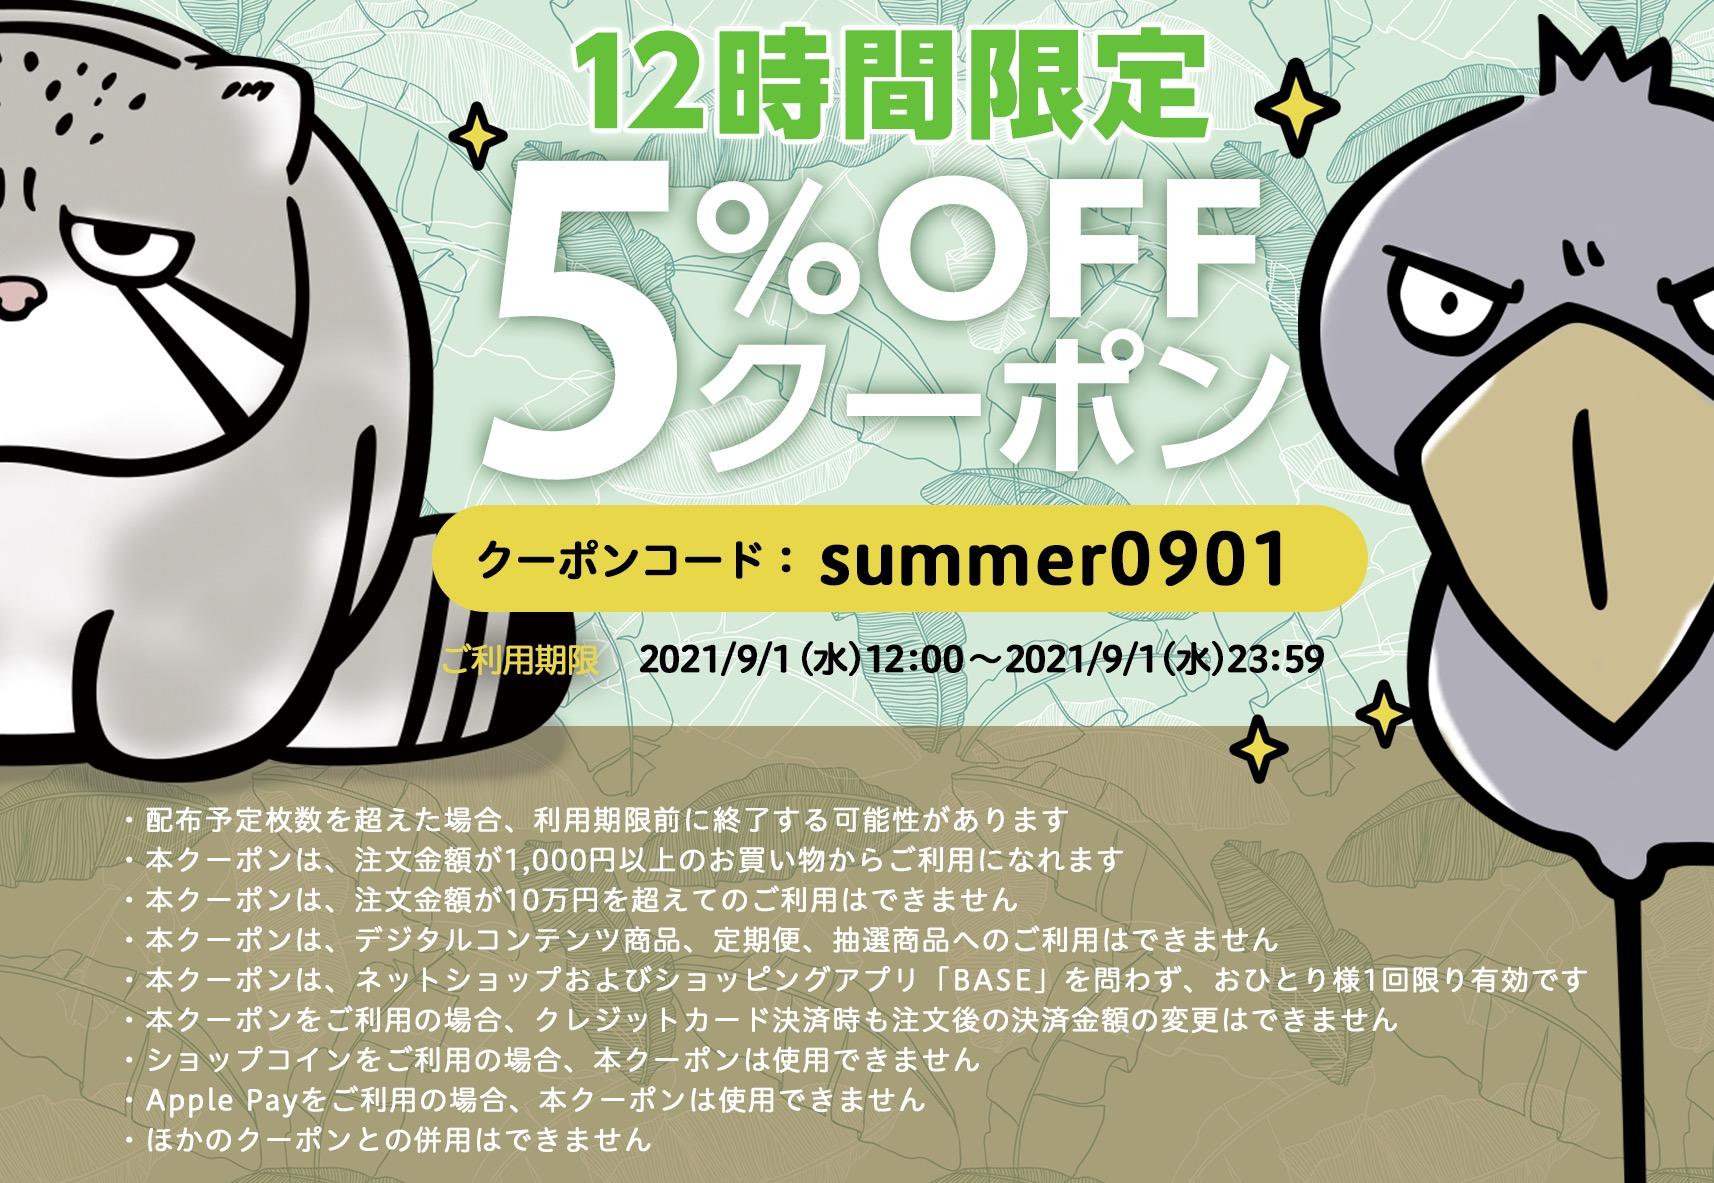 【12時間限定】9月1日全品5%OFFクーポン配布中